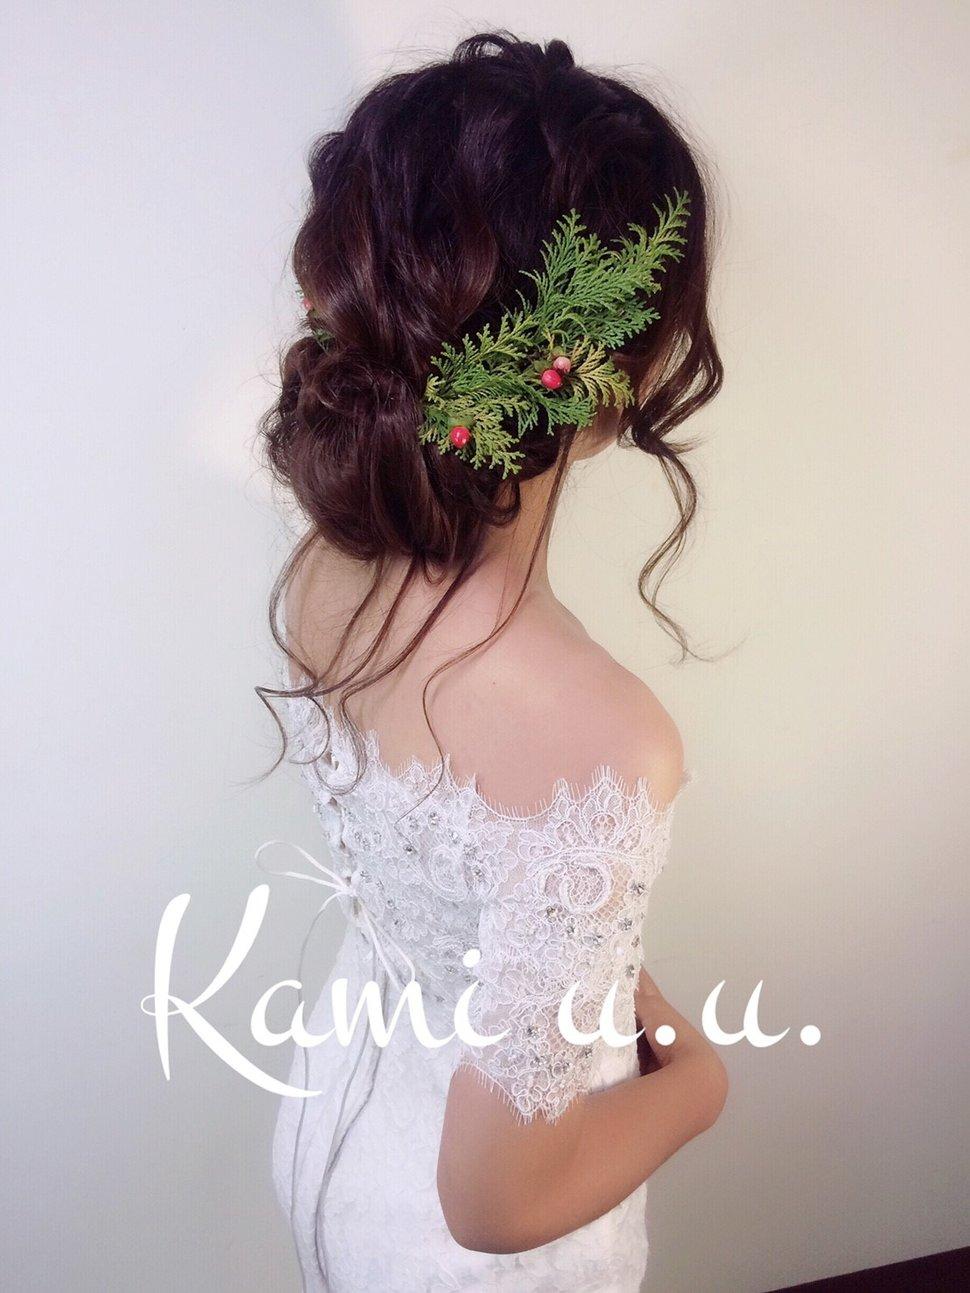 貝貝_190223_0010 - Kami u.u. 龔芷筠《結婚吧》